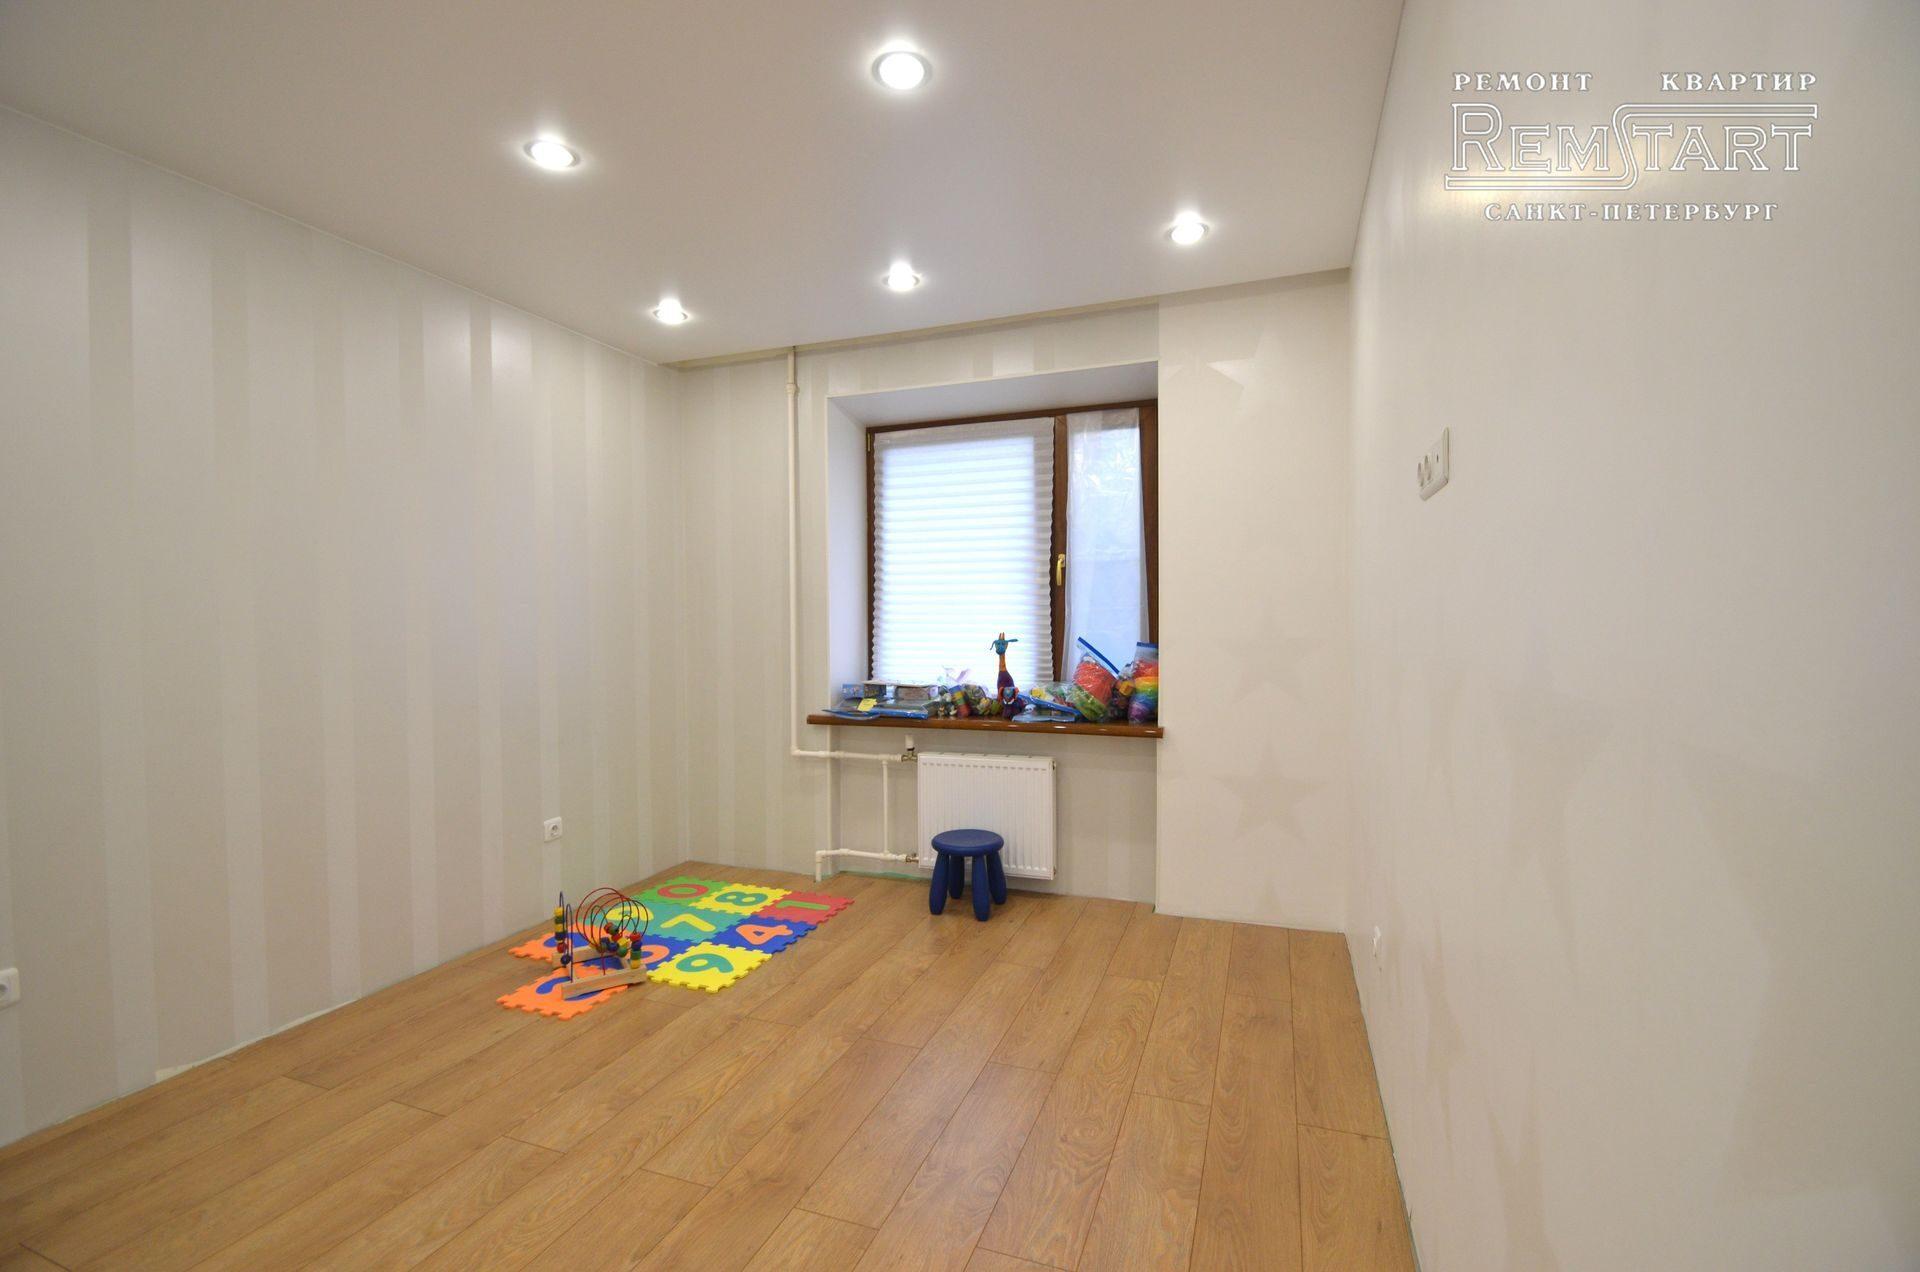 Ремонт и отделка квартир,офисов, коттеджей по низким ценам